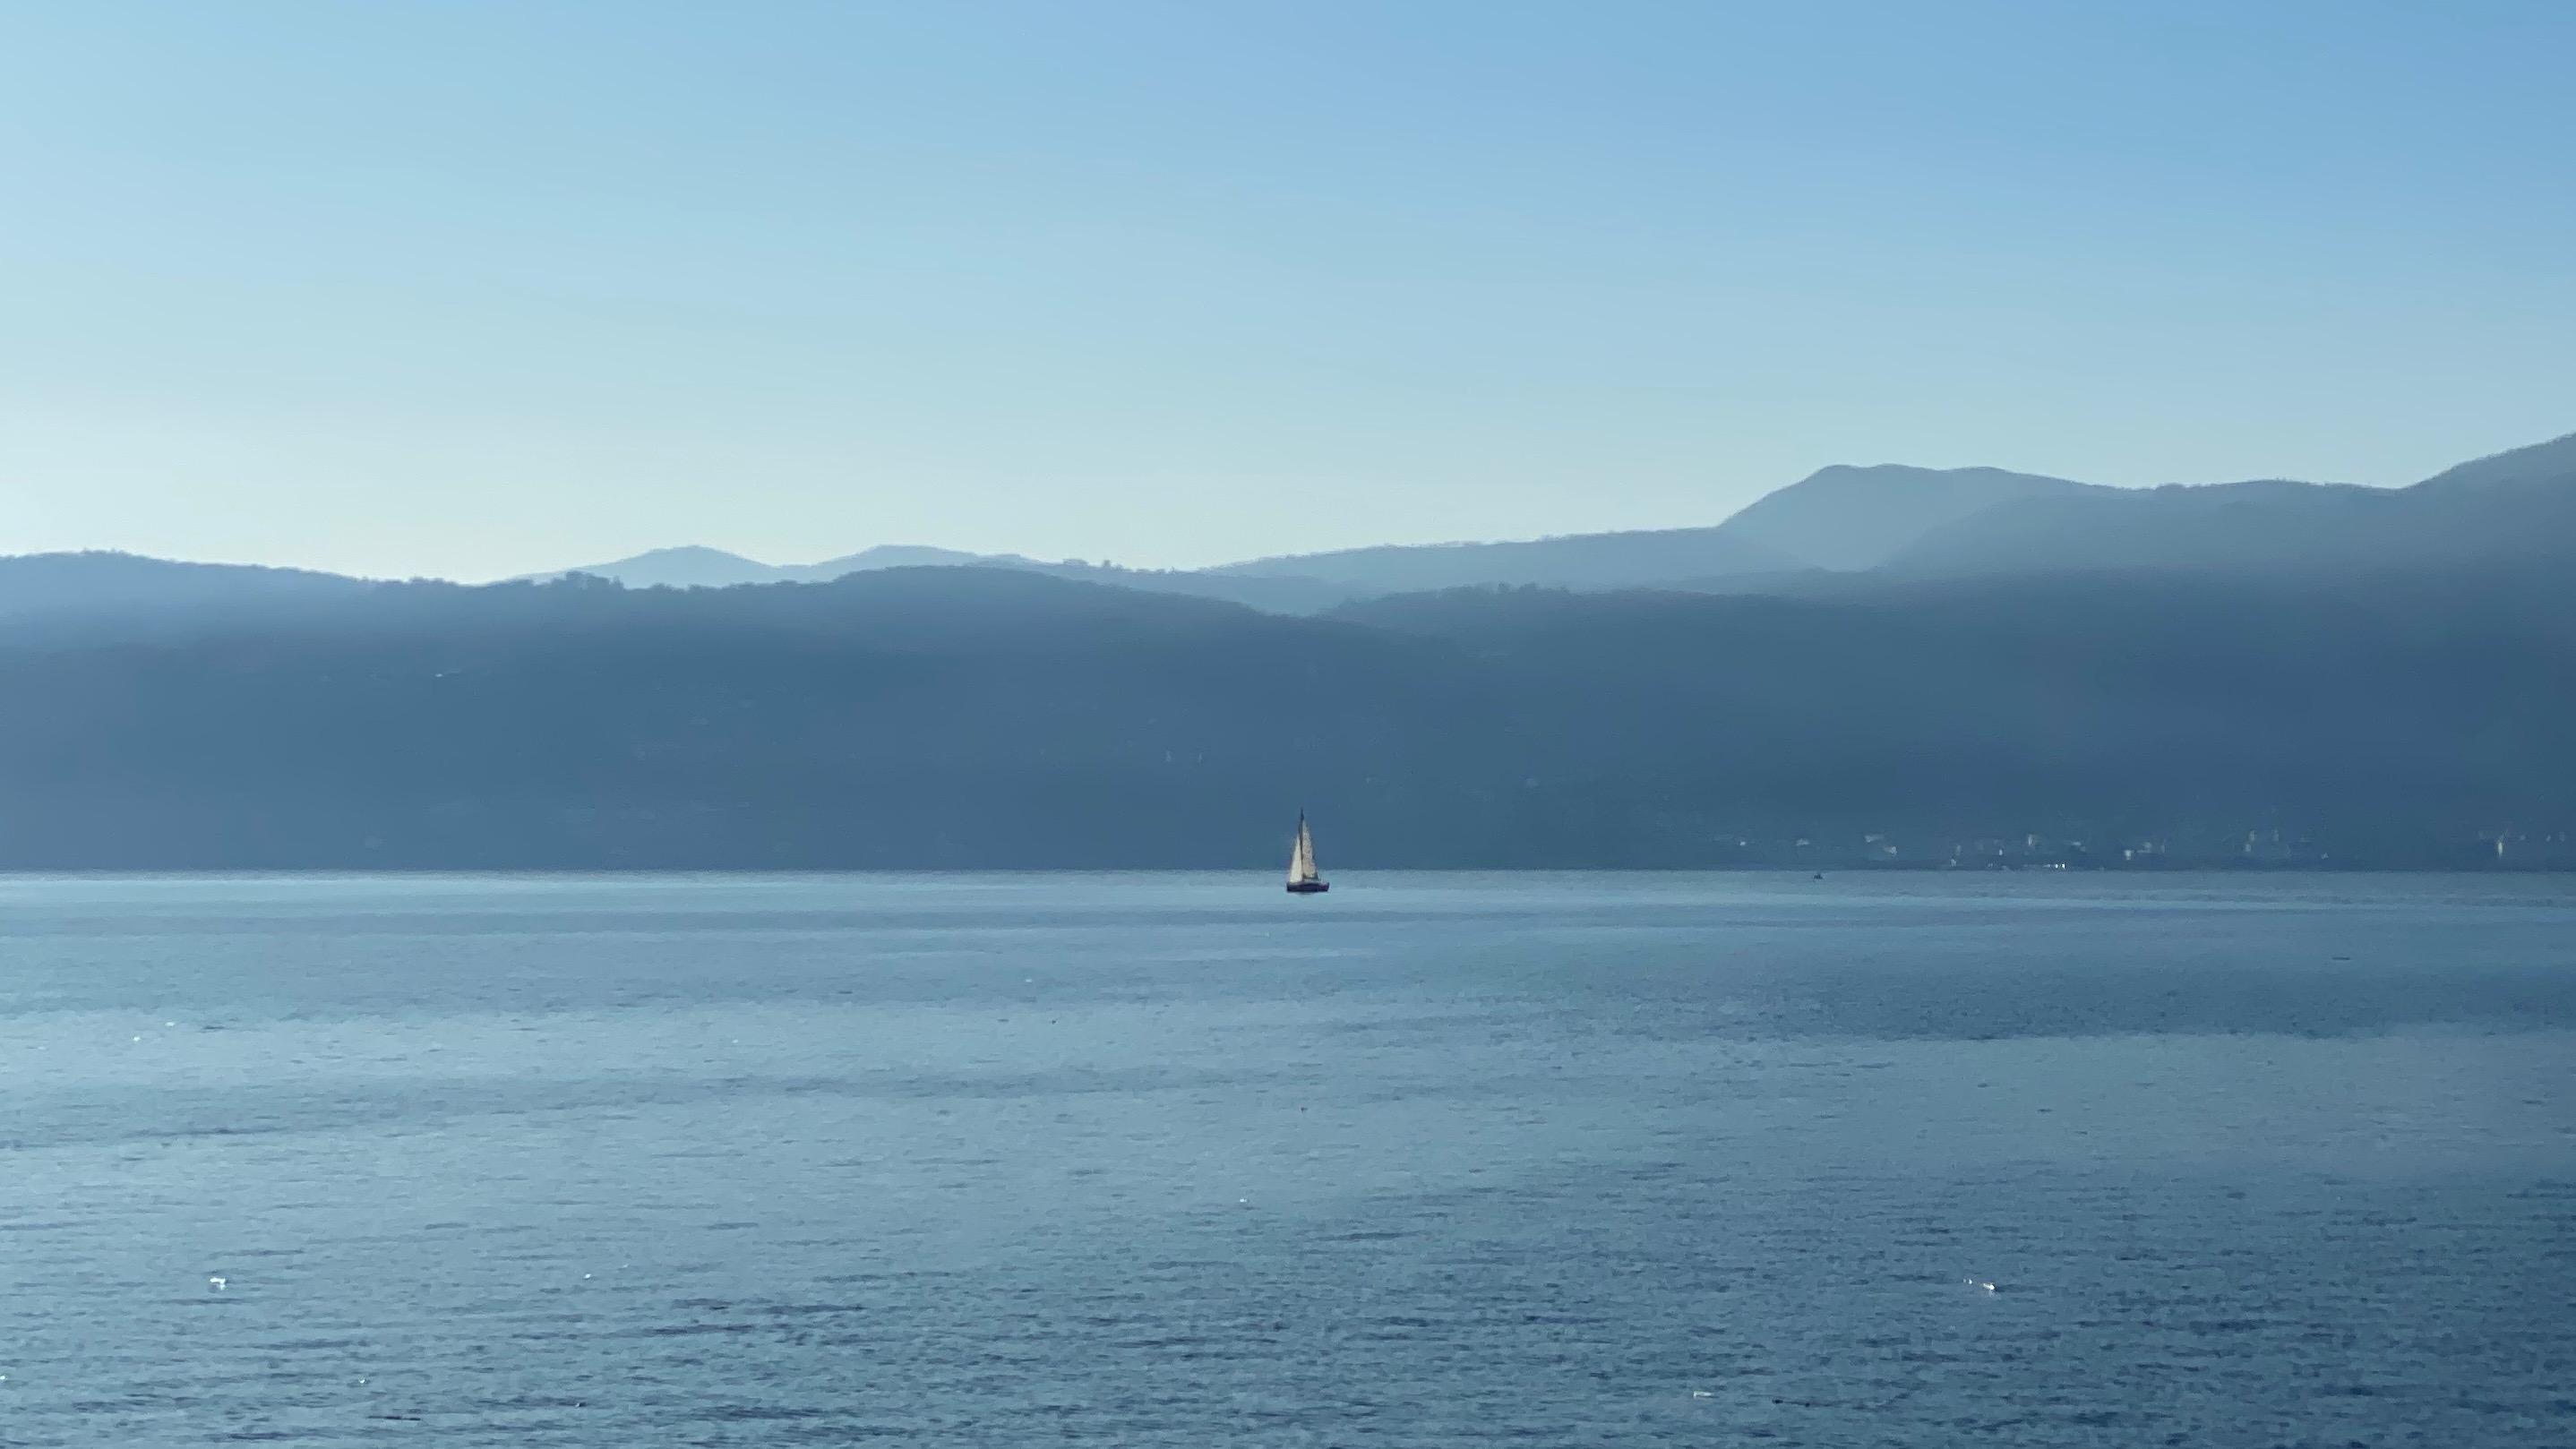 191227_lago_maggiore